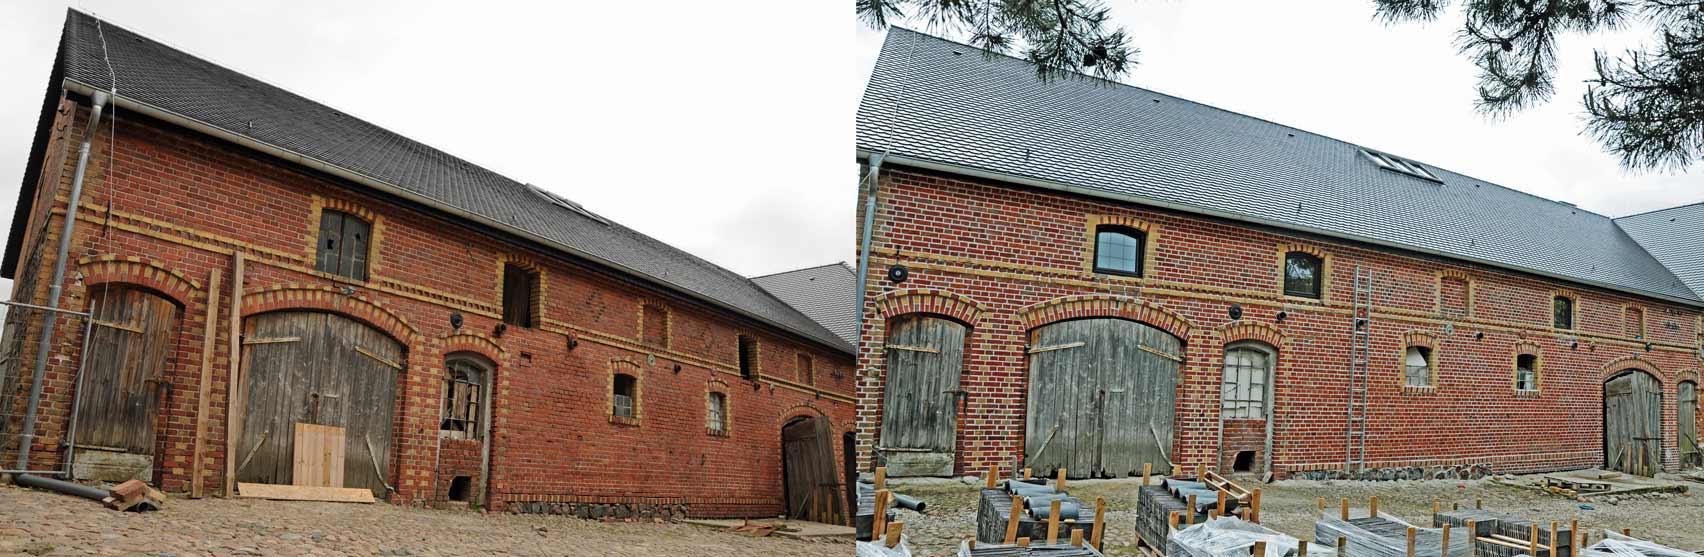 Stajnia z 1805 r. – przed i po renowacji